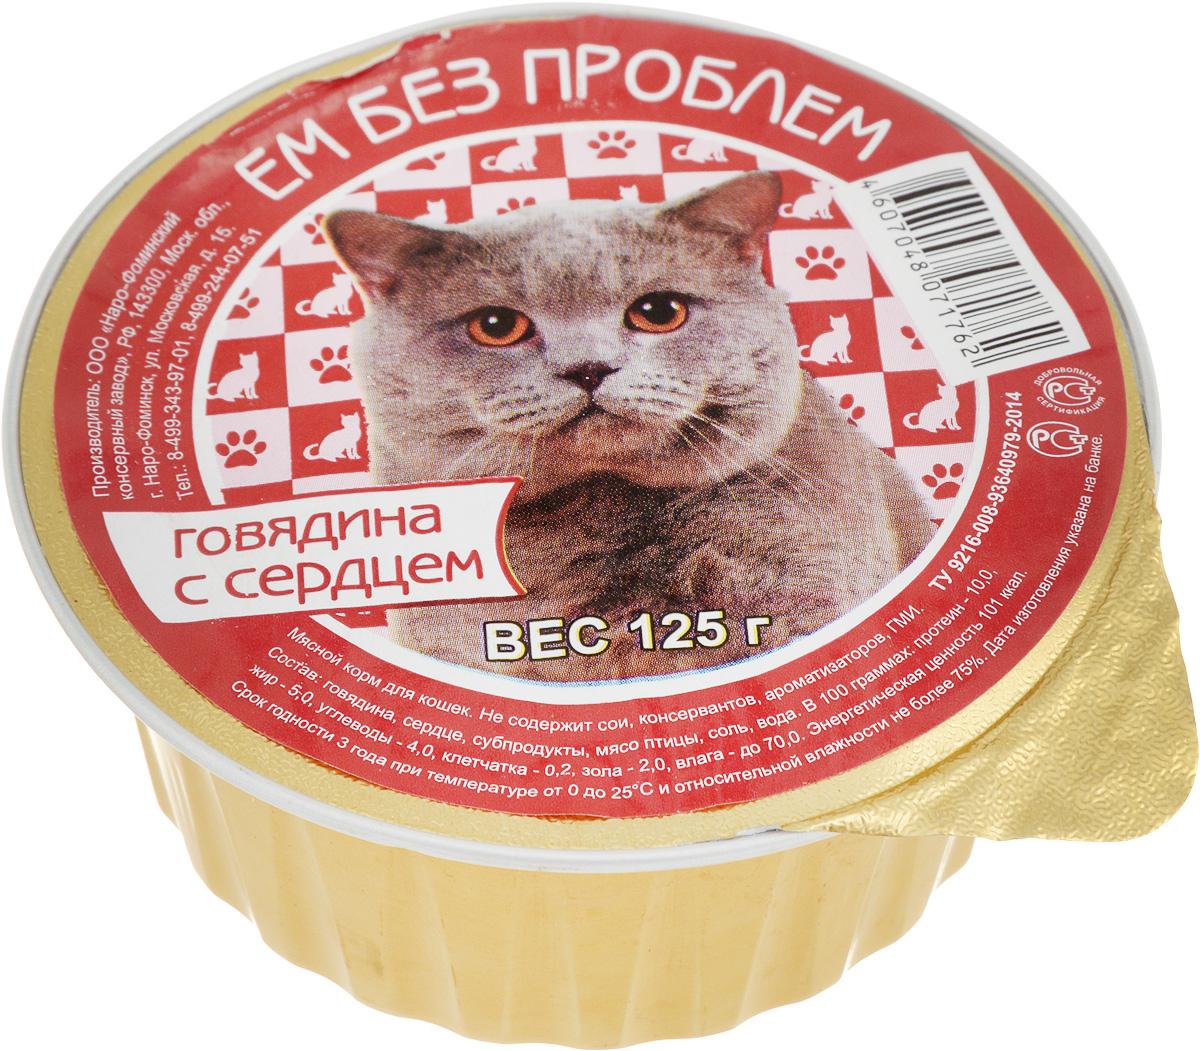 Консервы для кошек Ем без проблем, говядина с сердцем, 125 г00-00001601Консервы Ем без проблем - это высококачественный корм, изготовленный специально для кошек. В своем составе он содержит 60-75% мясных продуктов от общего объема. Лакомство сочетает в себе минералы и питательные вещества, полезные для здоровья питомца, а также витамины, которые помогают в правильном развитии органов и мышечной массы кошек. Консервы подходят для всех пород кошек и имеют мягкую консистенцию паштета. В состав корма не входят консерванты, соя, ГМО и ароматизаторы. Вашей кошке обязательно понравится нежный вкус говядины с сердцем. Состав: говядина, сердце, субпродукты, мясо птицы, соль, вода. Пищевая ценность: протеин 10%, жир 5%, углеводы 4%, клетчатка 0,2%, зола 2%, влага до 70%. Вес: 125 г. Товар сертифицирован.